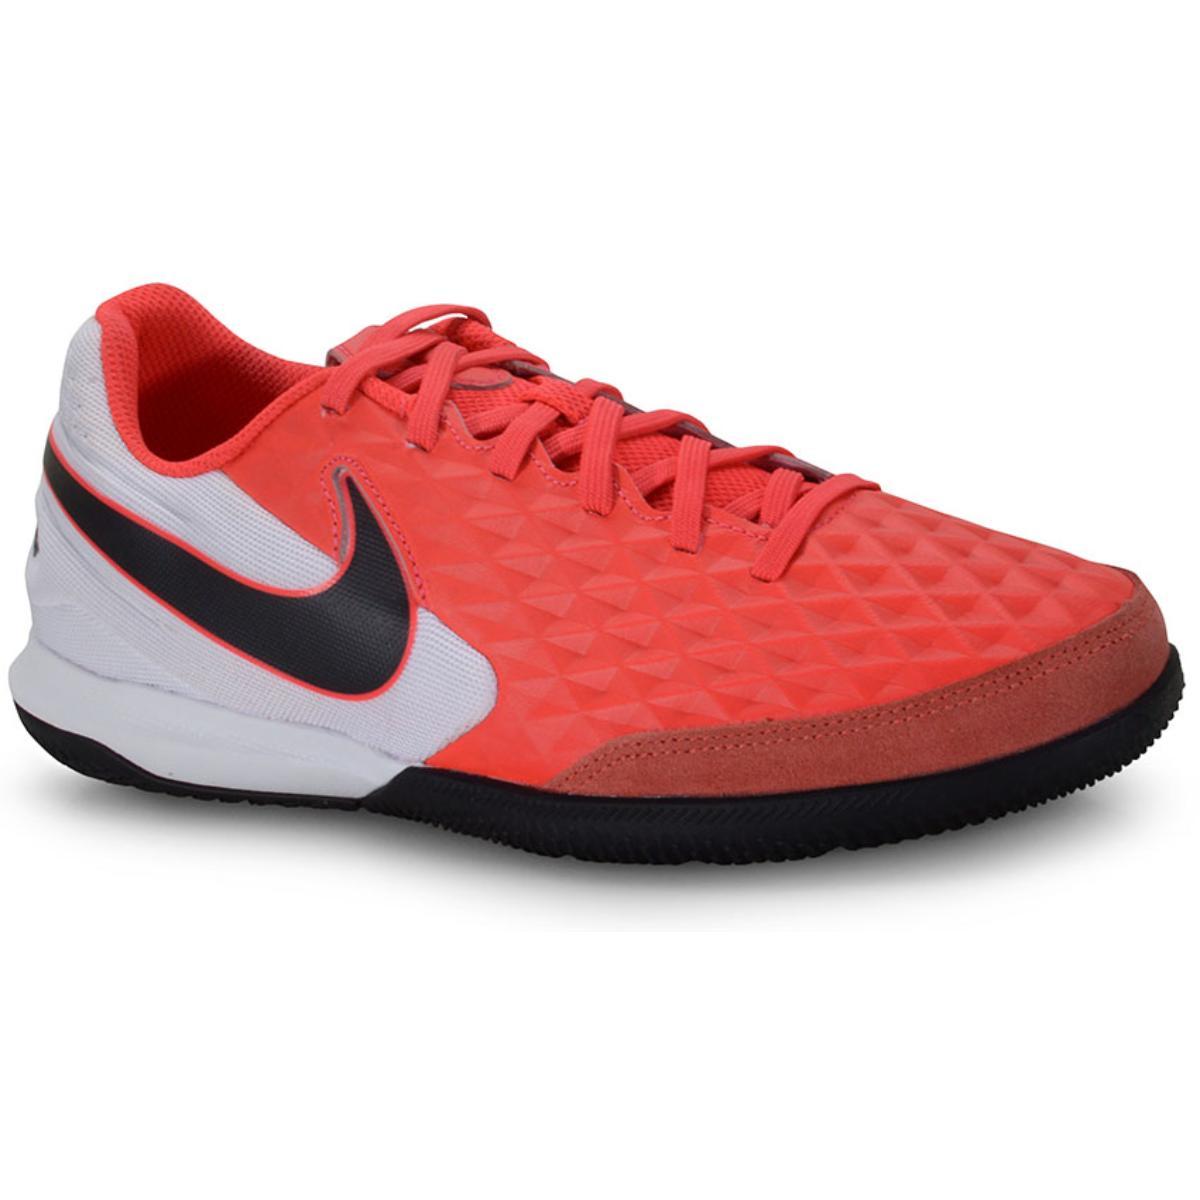 Tênis Masculino Nike At6099-606 Tiempo Legend 8 Academy ic Vermelho/branco/preto